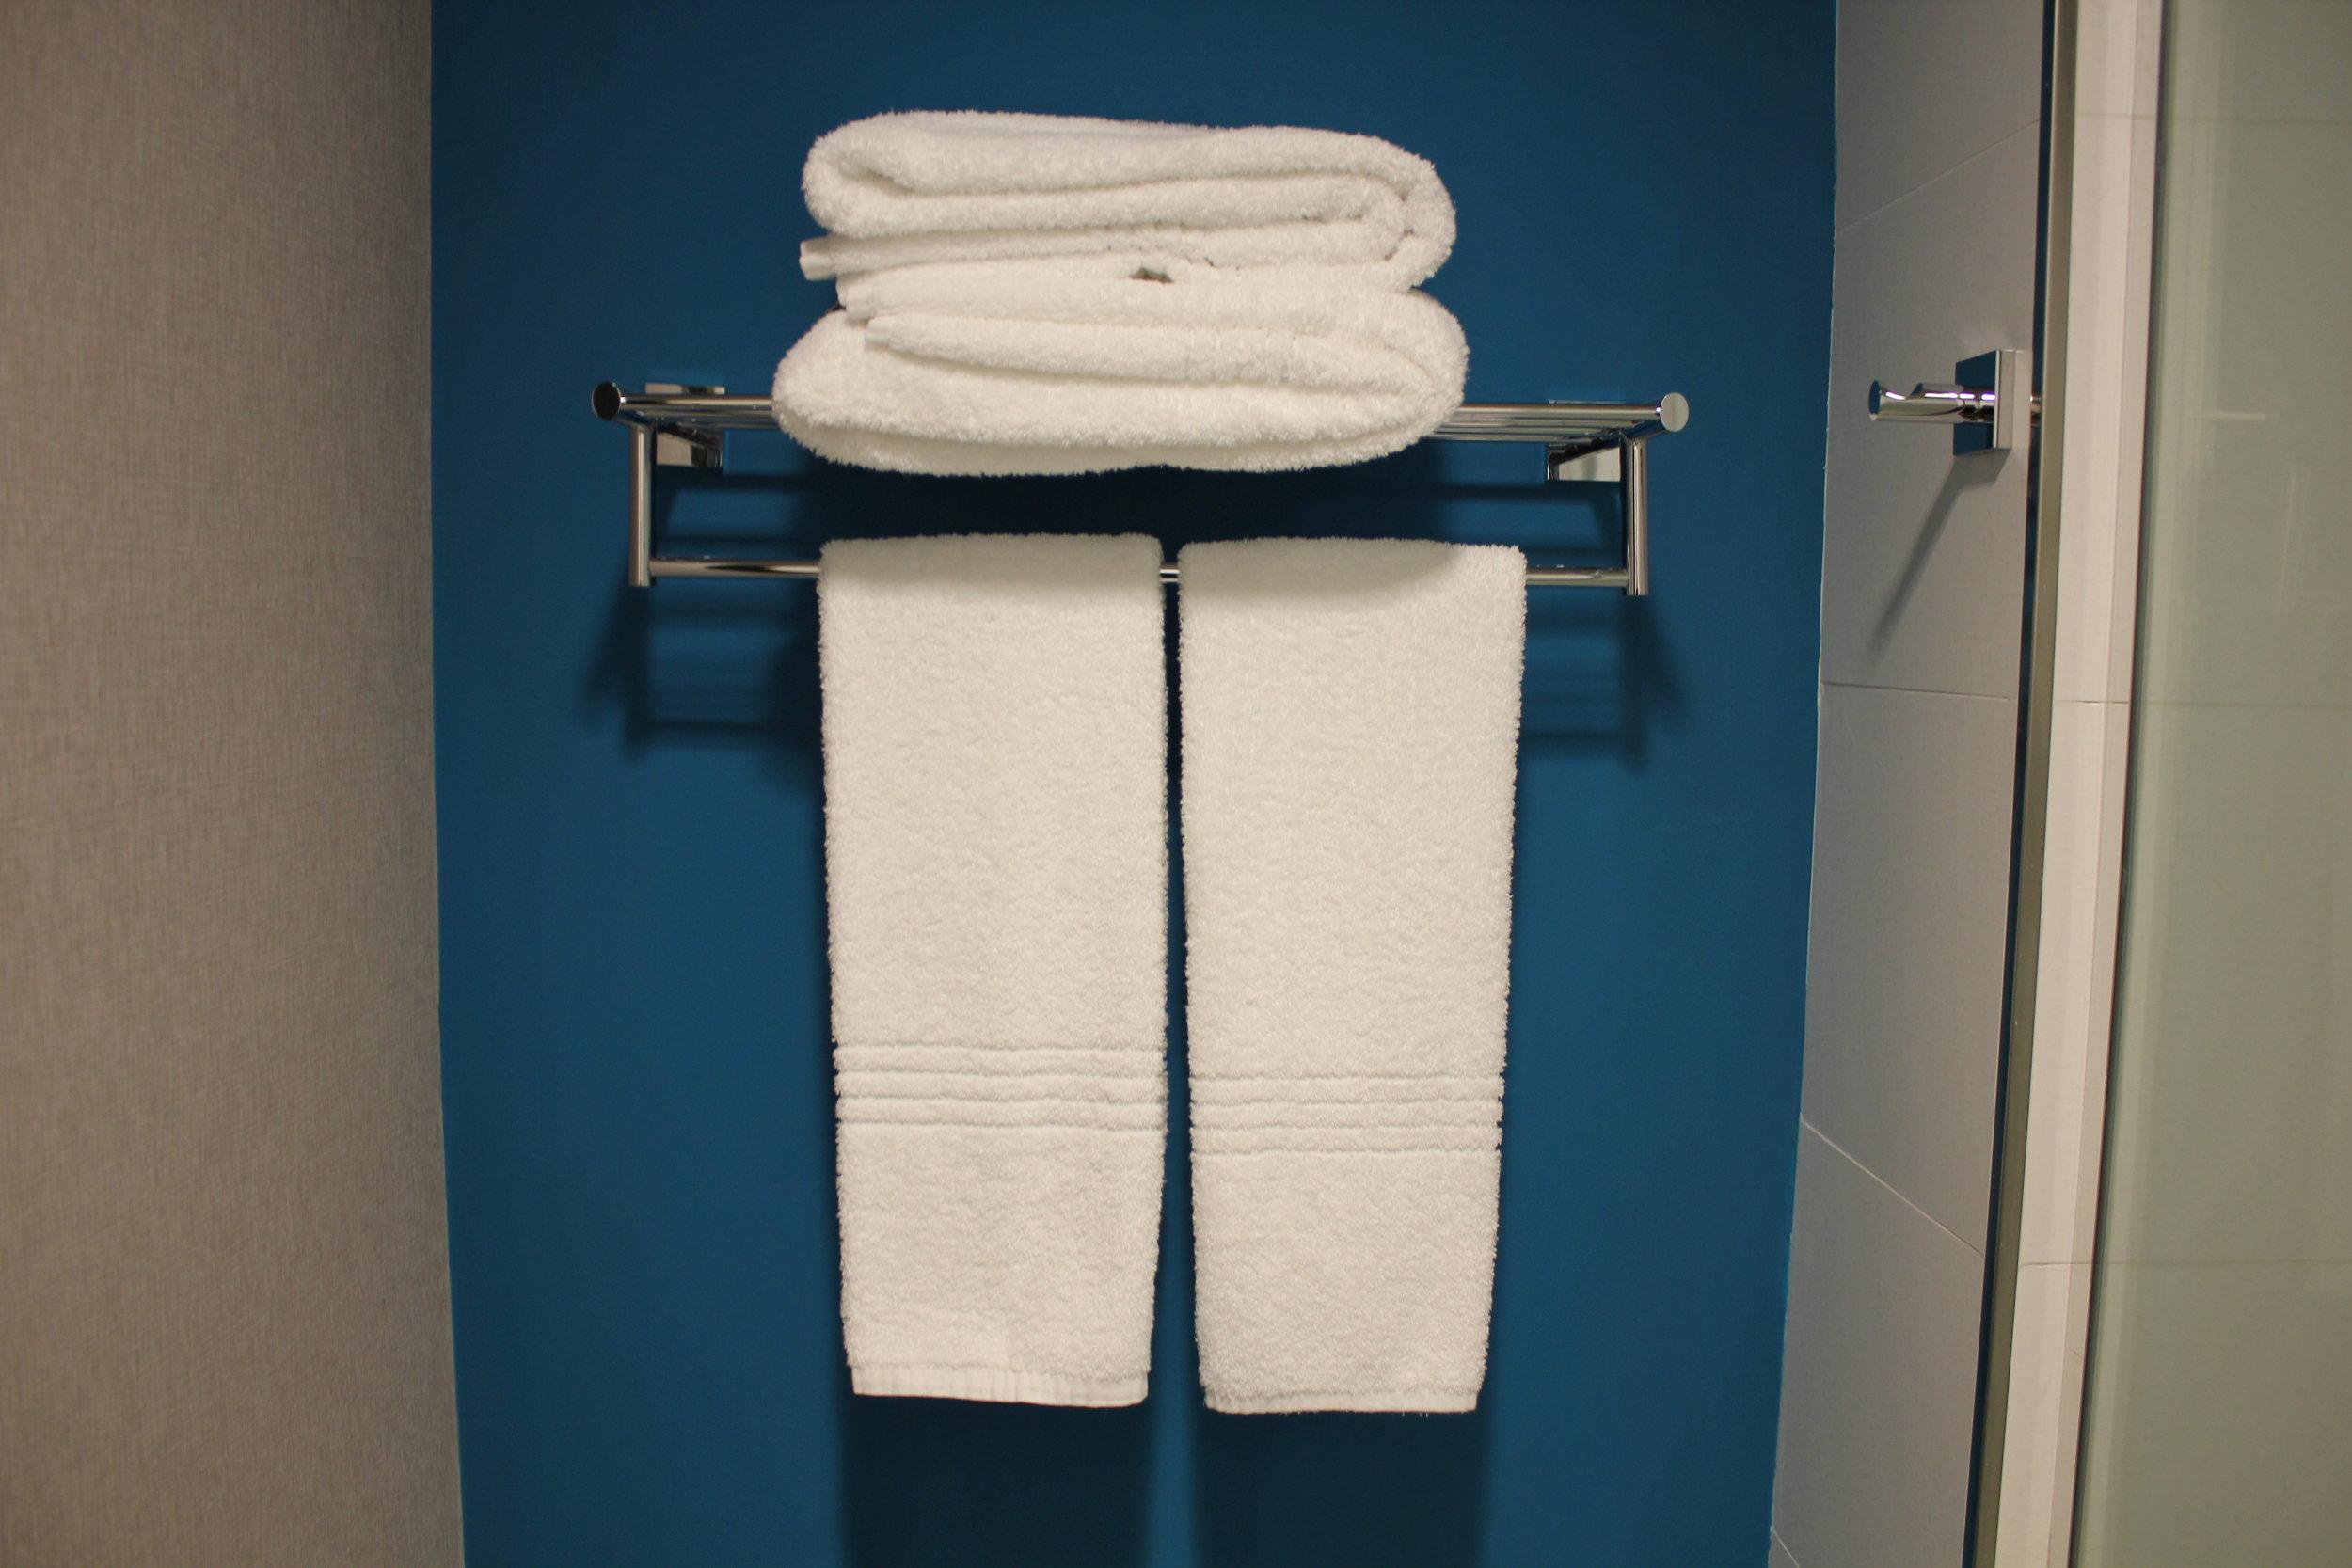 Aloft Montevideo – Towels